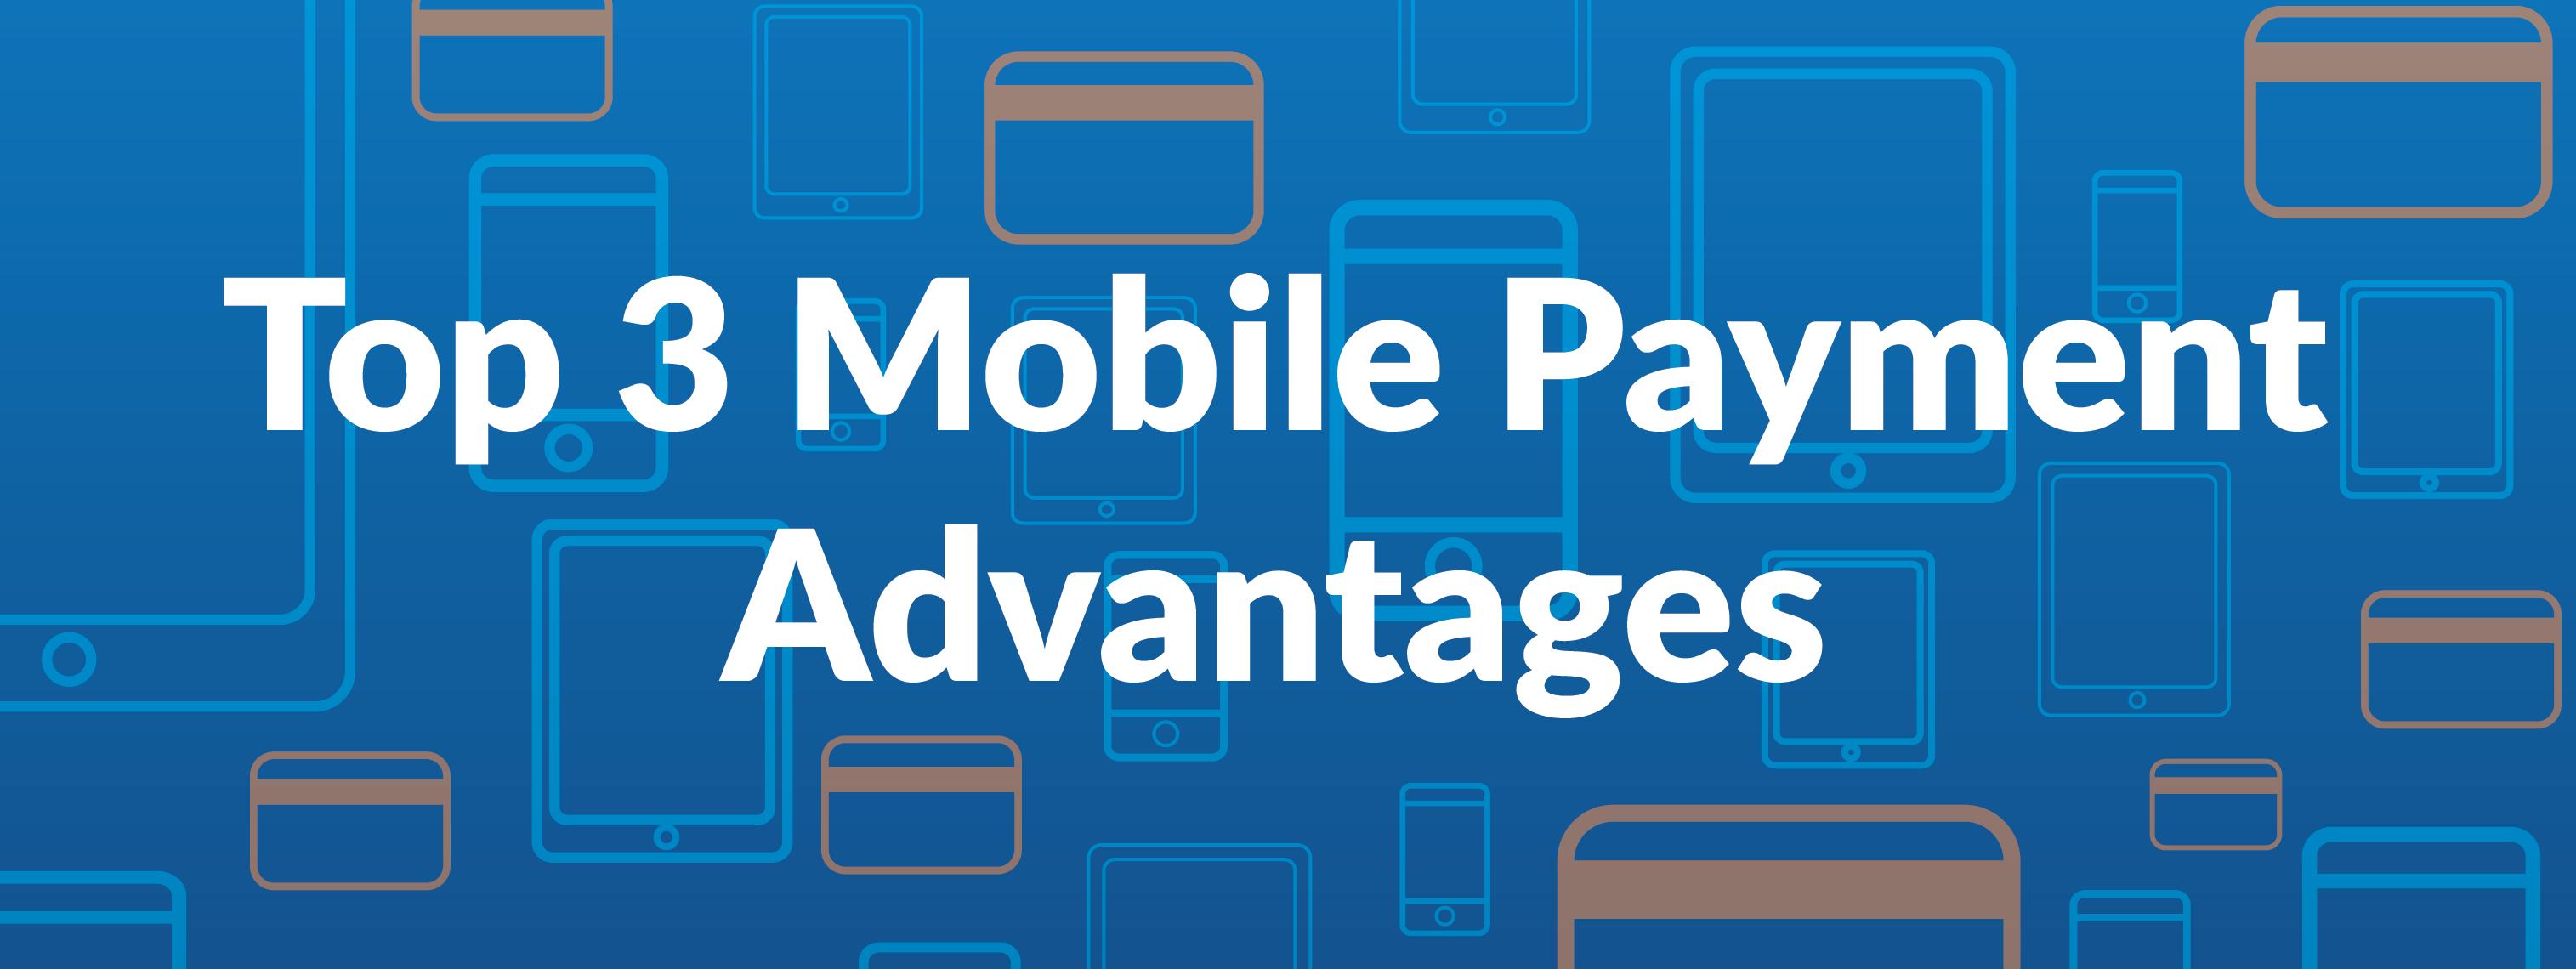 Mobile Payment Advantages